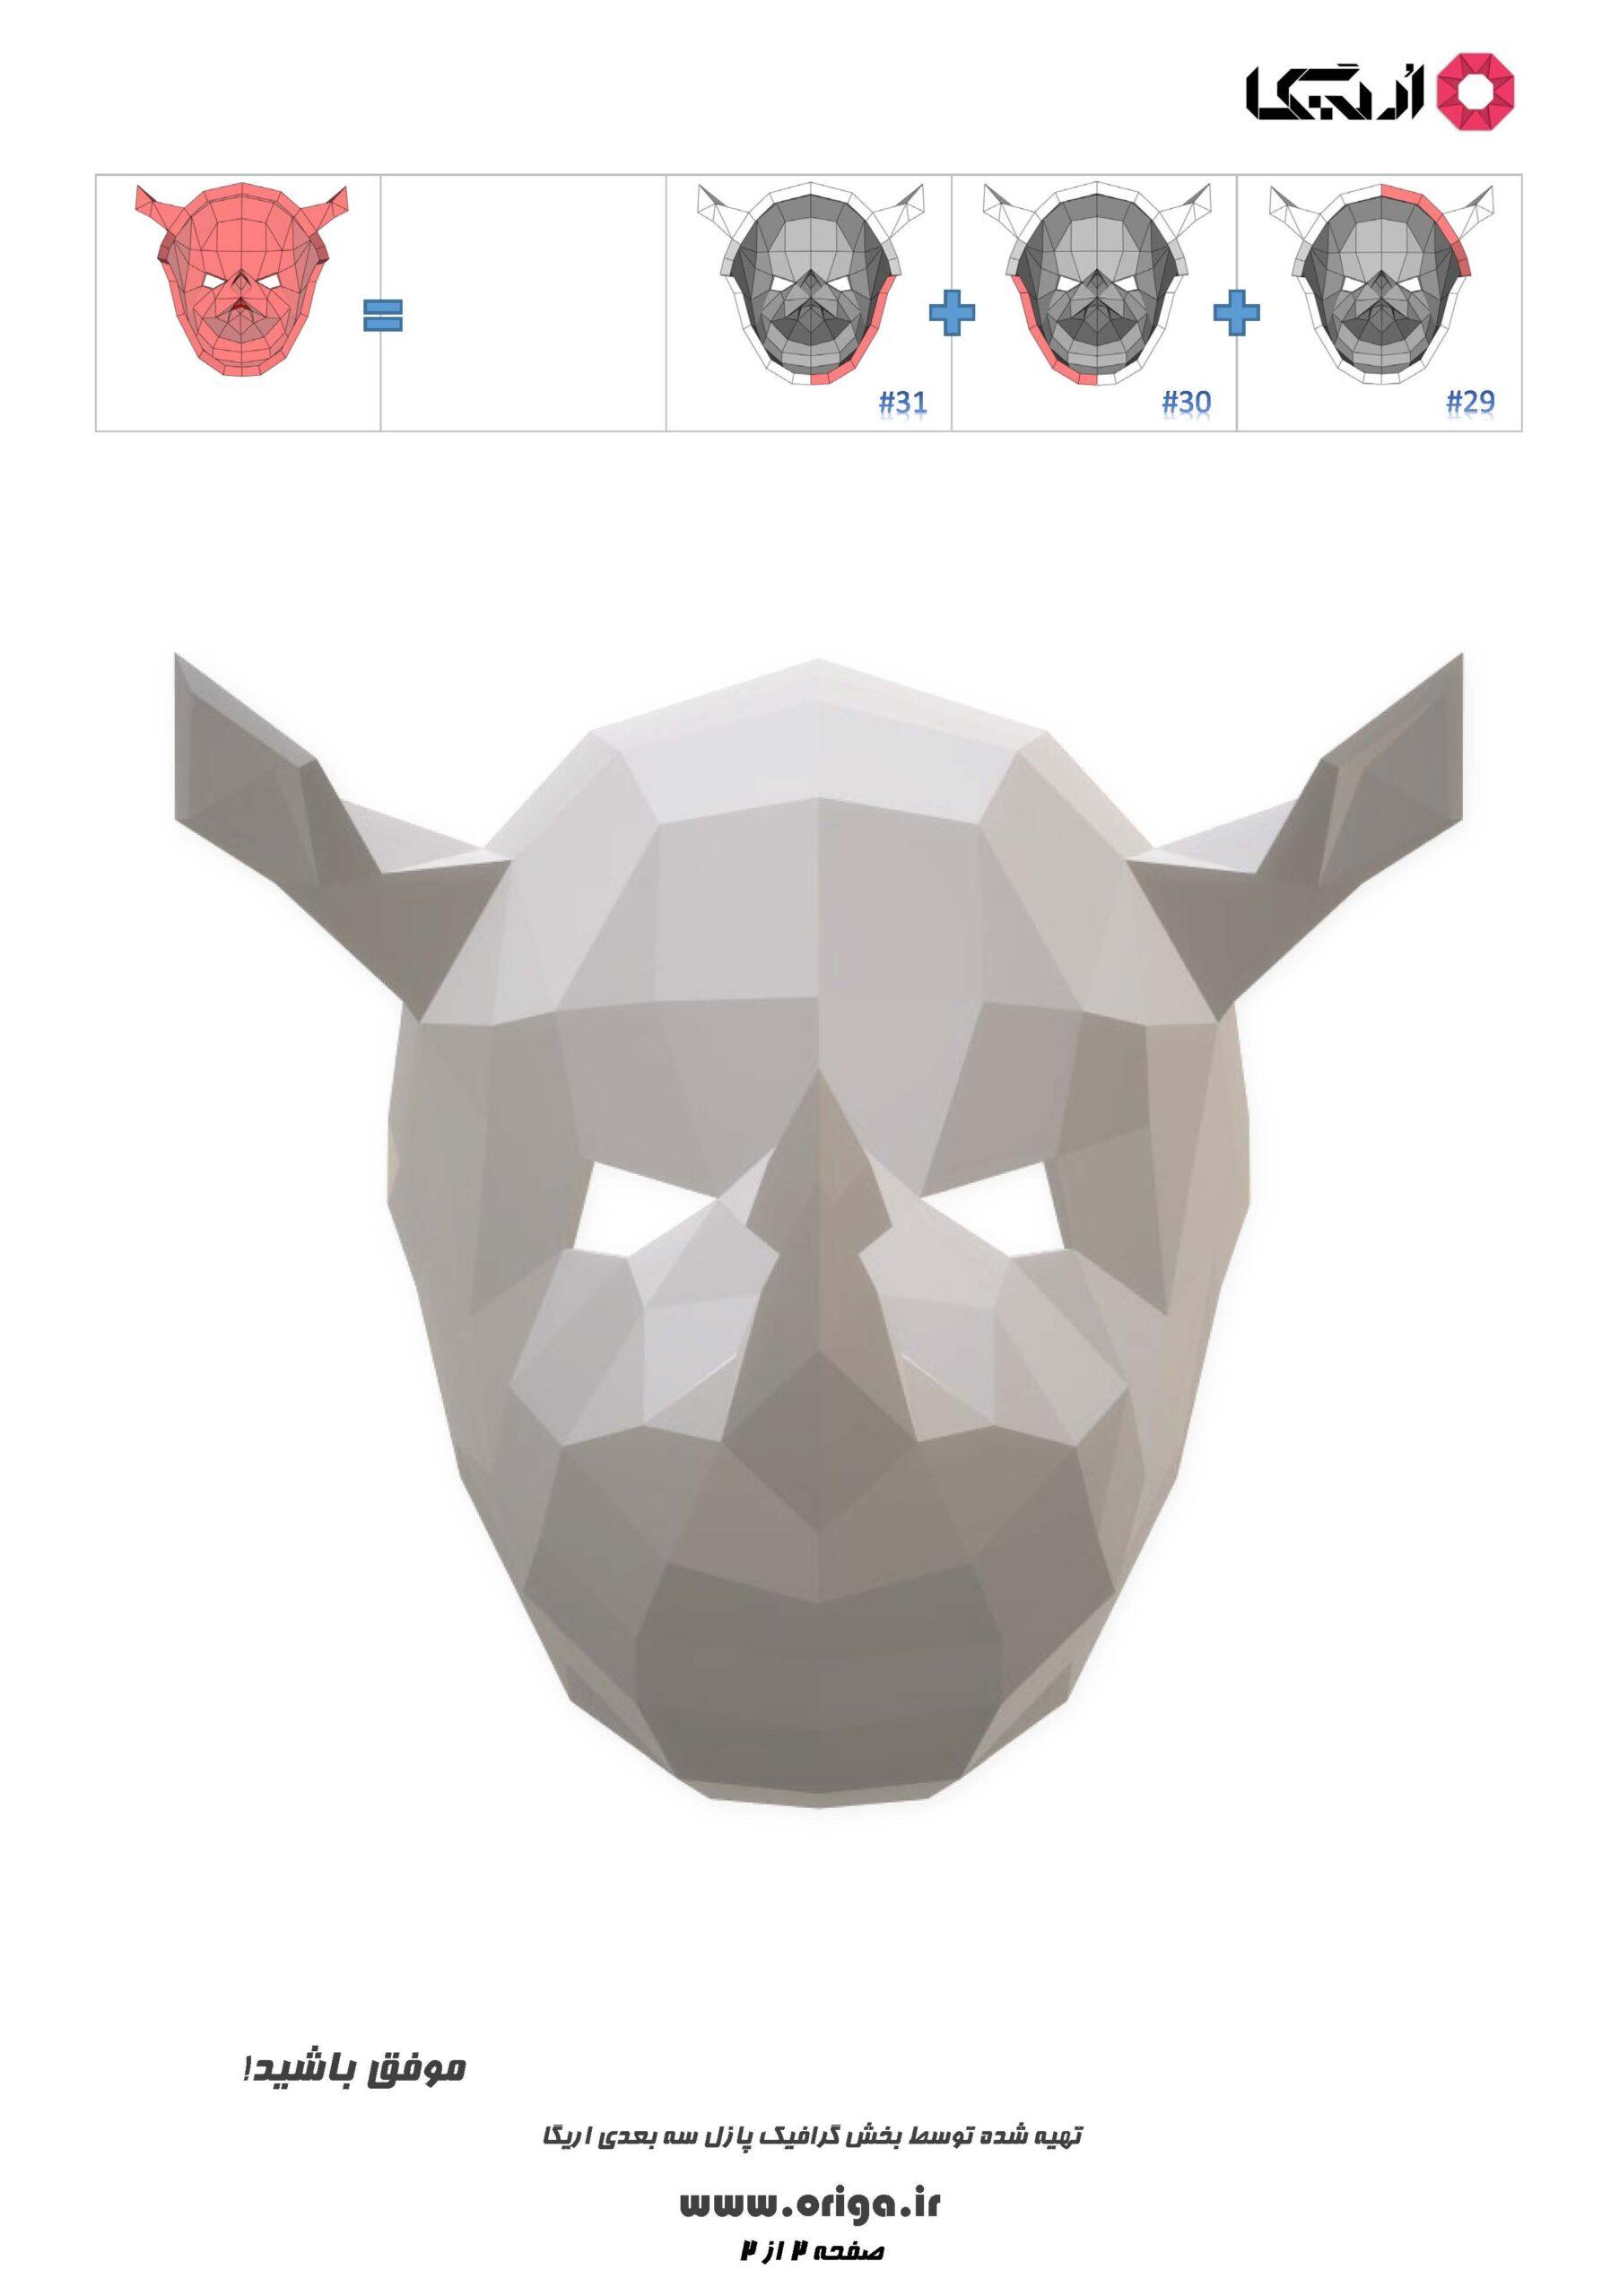 راهنمای ساخت ماسک کرگدن